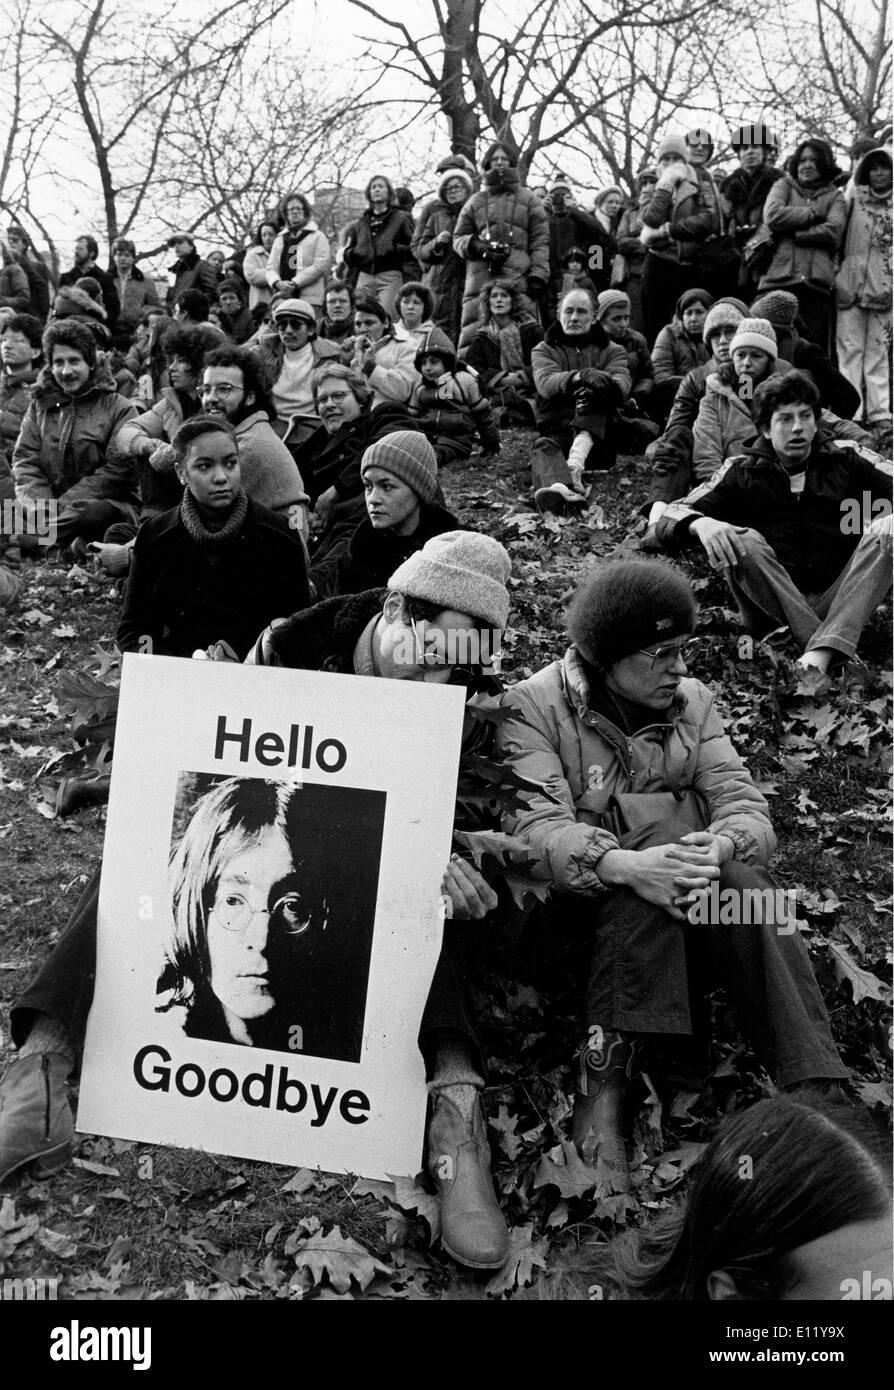 Vigil in Central Park for Beatles John Lennon - Stock Image